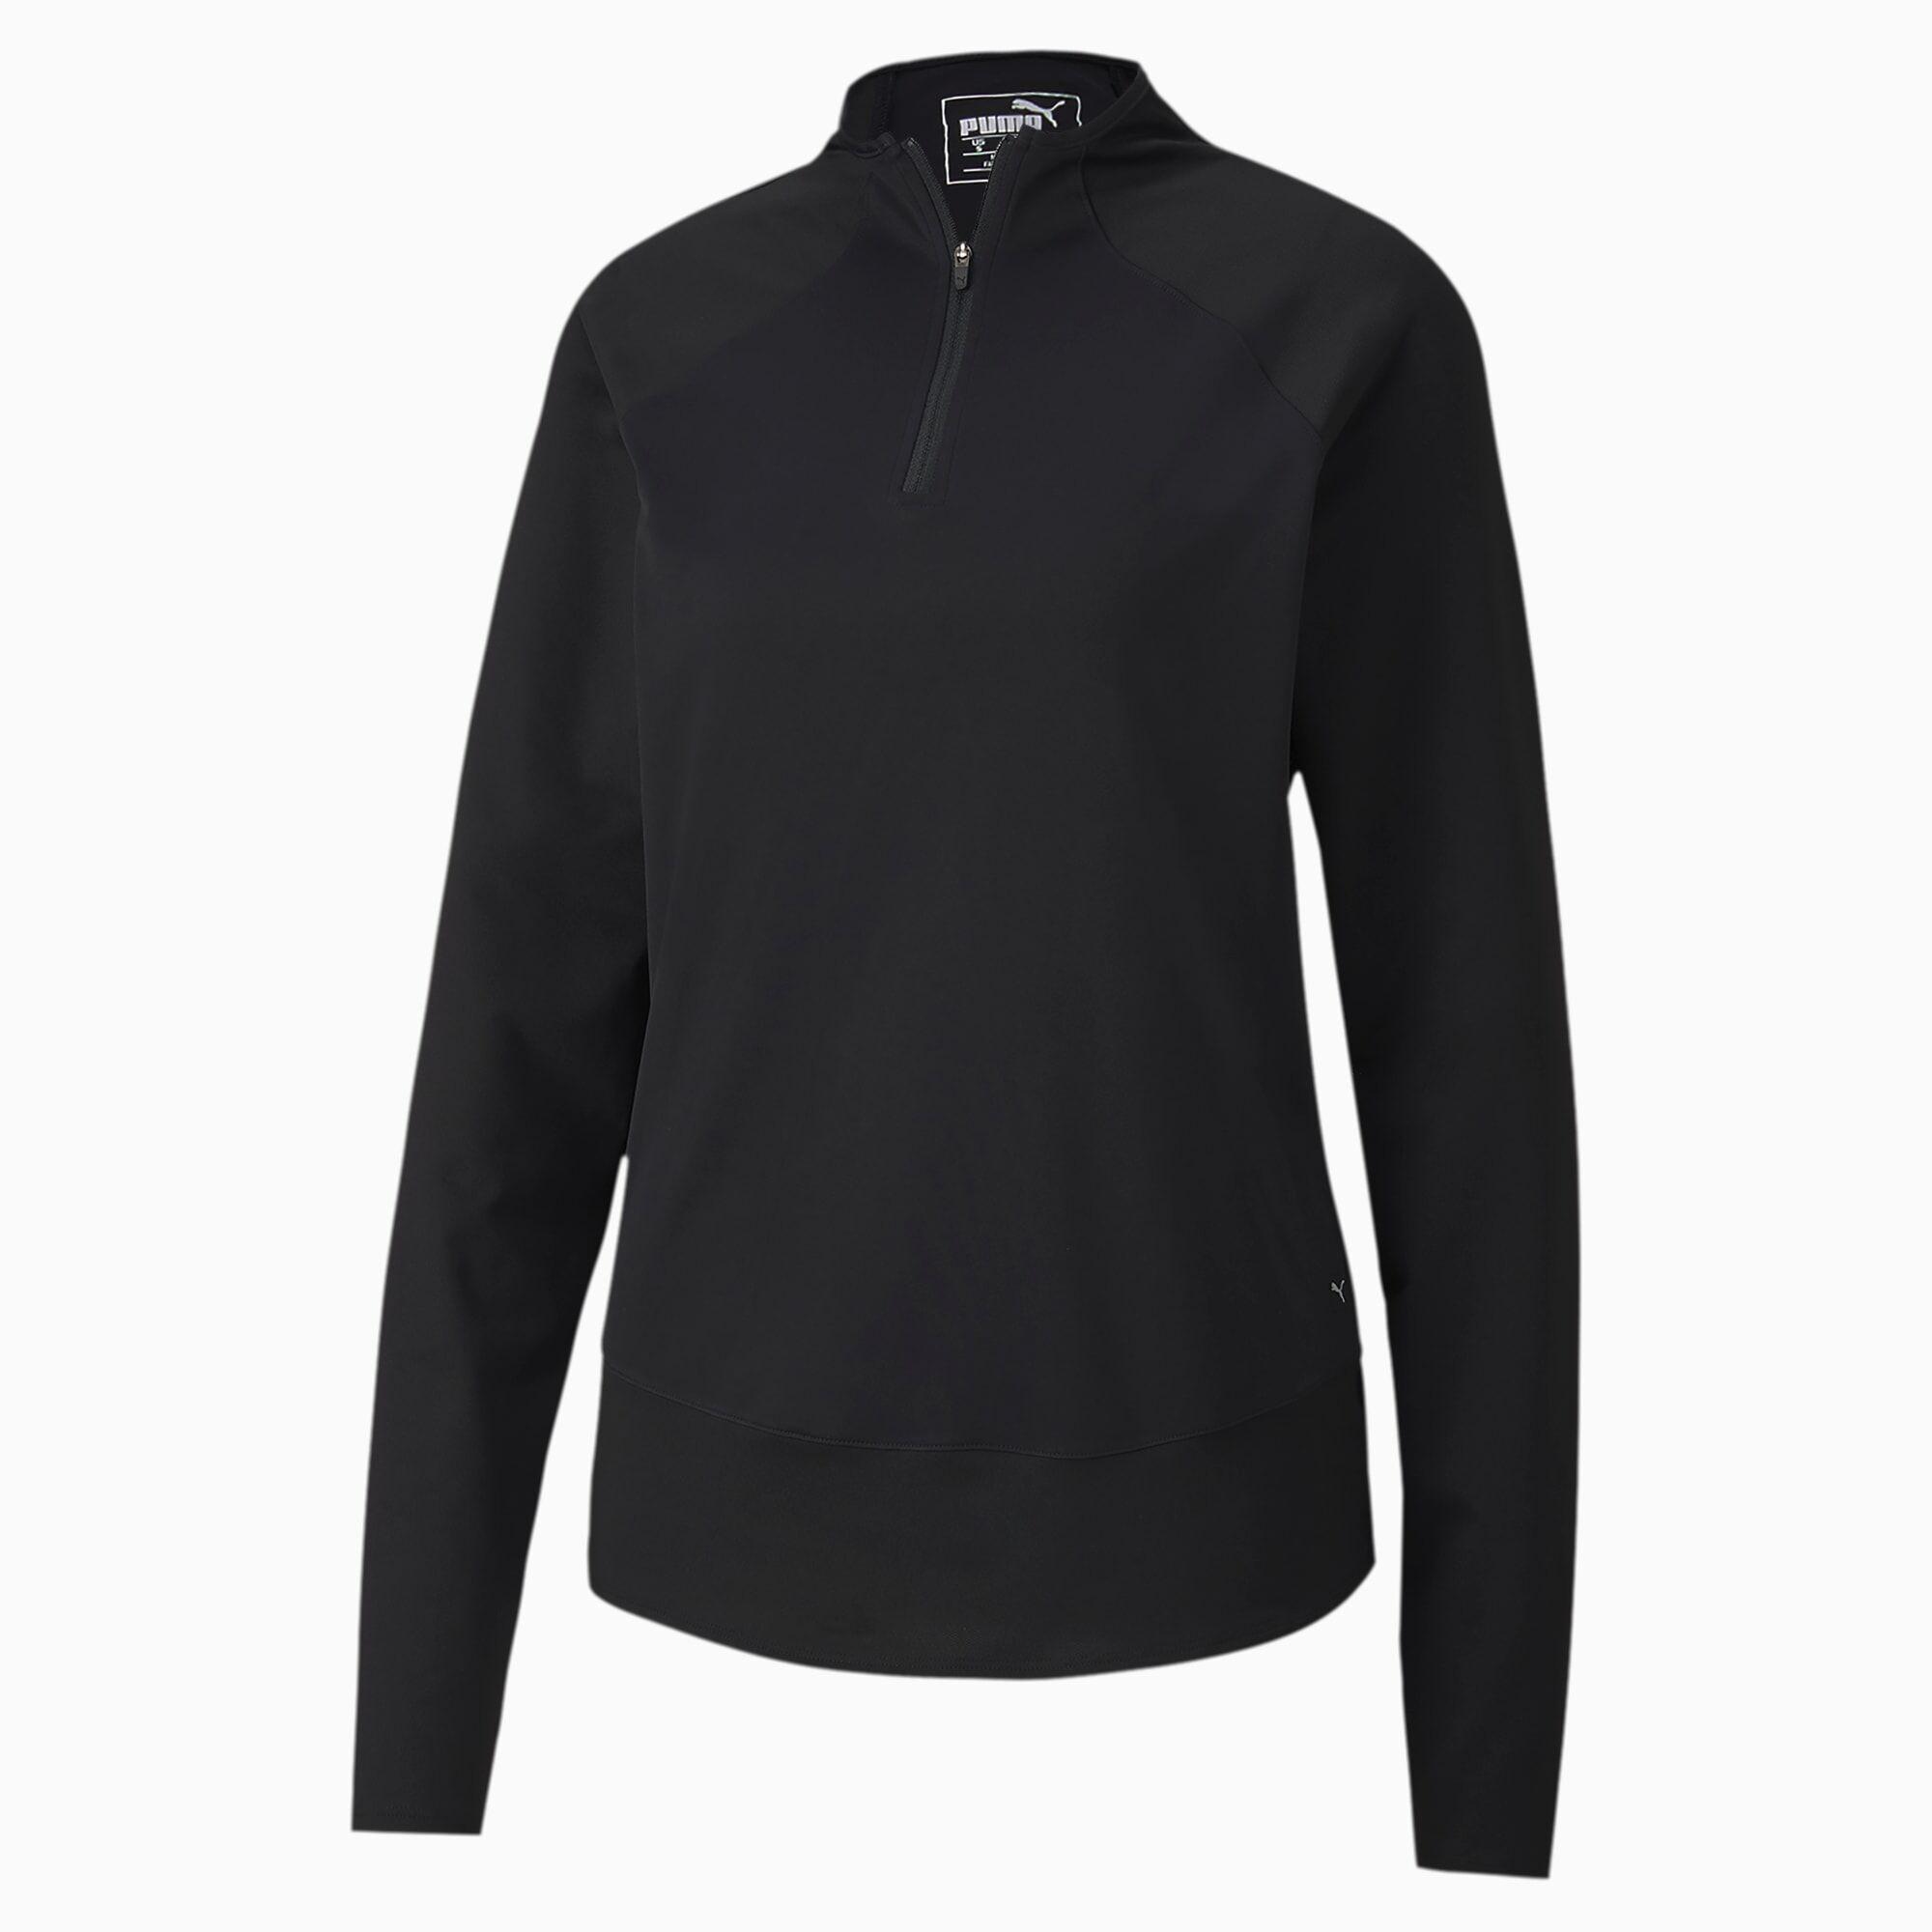 PUMA Pull de golf Mesh 1/4 Zip pour Femme, Noir, Taille XXL, Vêtements